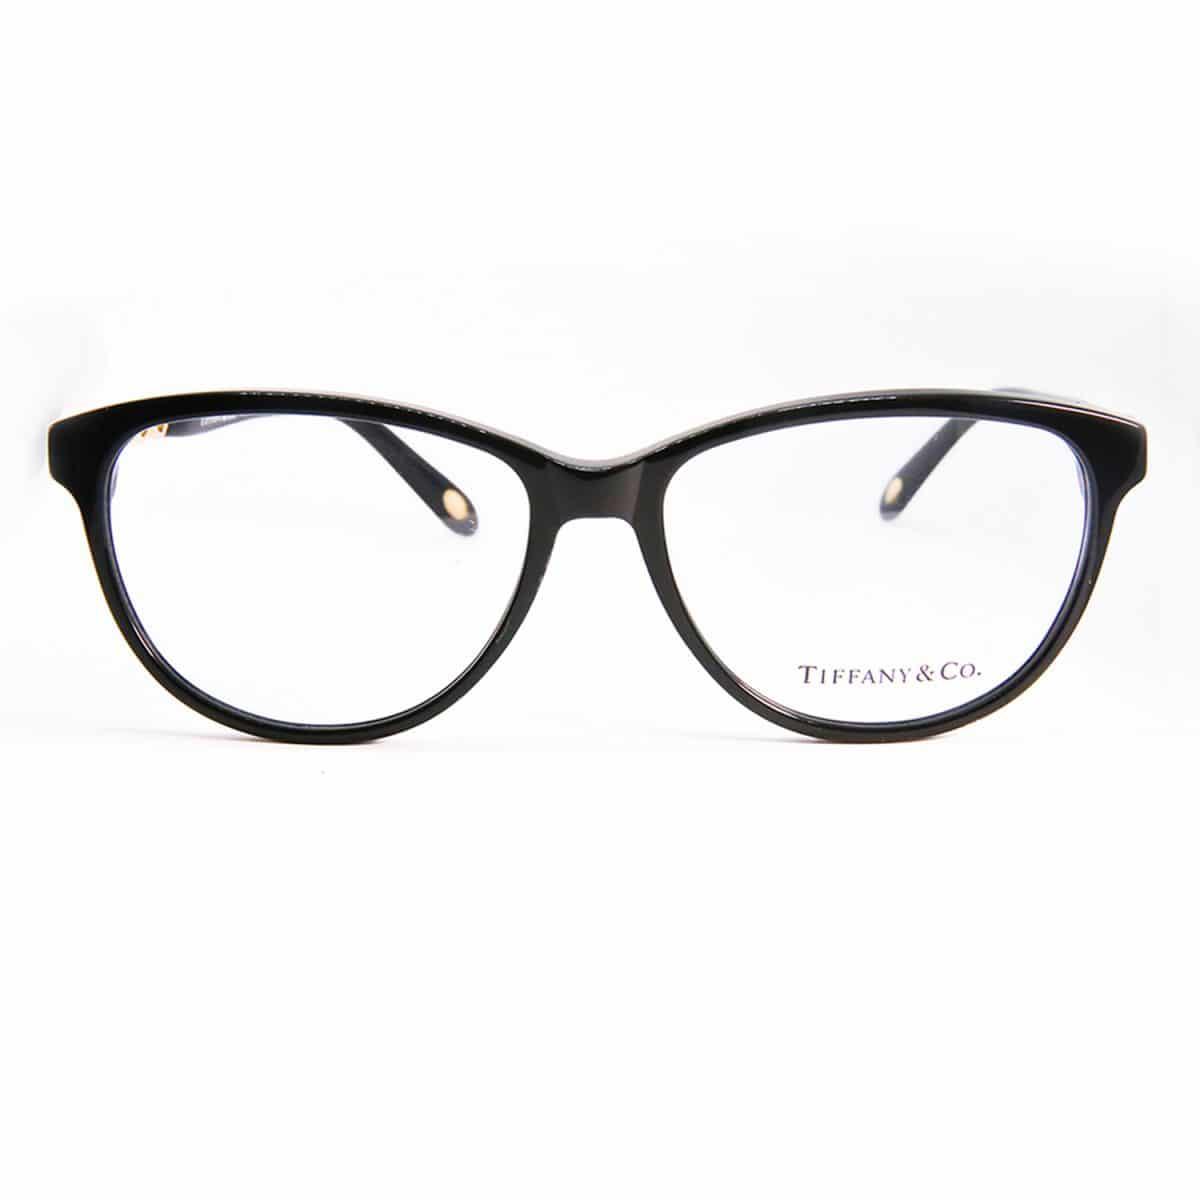 Lunettes de vue Tiffany   Co TF2120-B-F Noir   Equipez-vous à Prix Fous !  Maroc 5a31255d0bbf